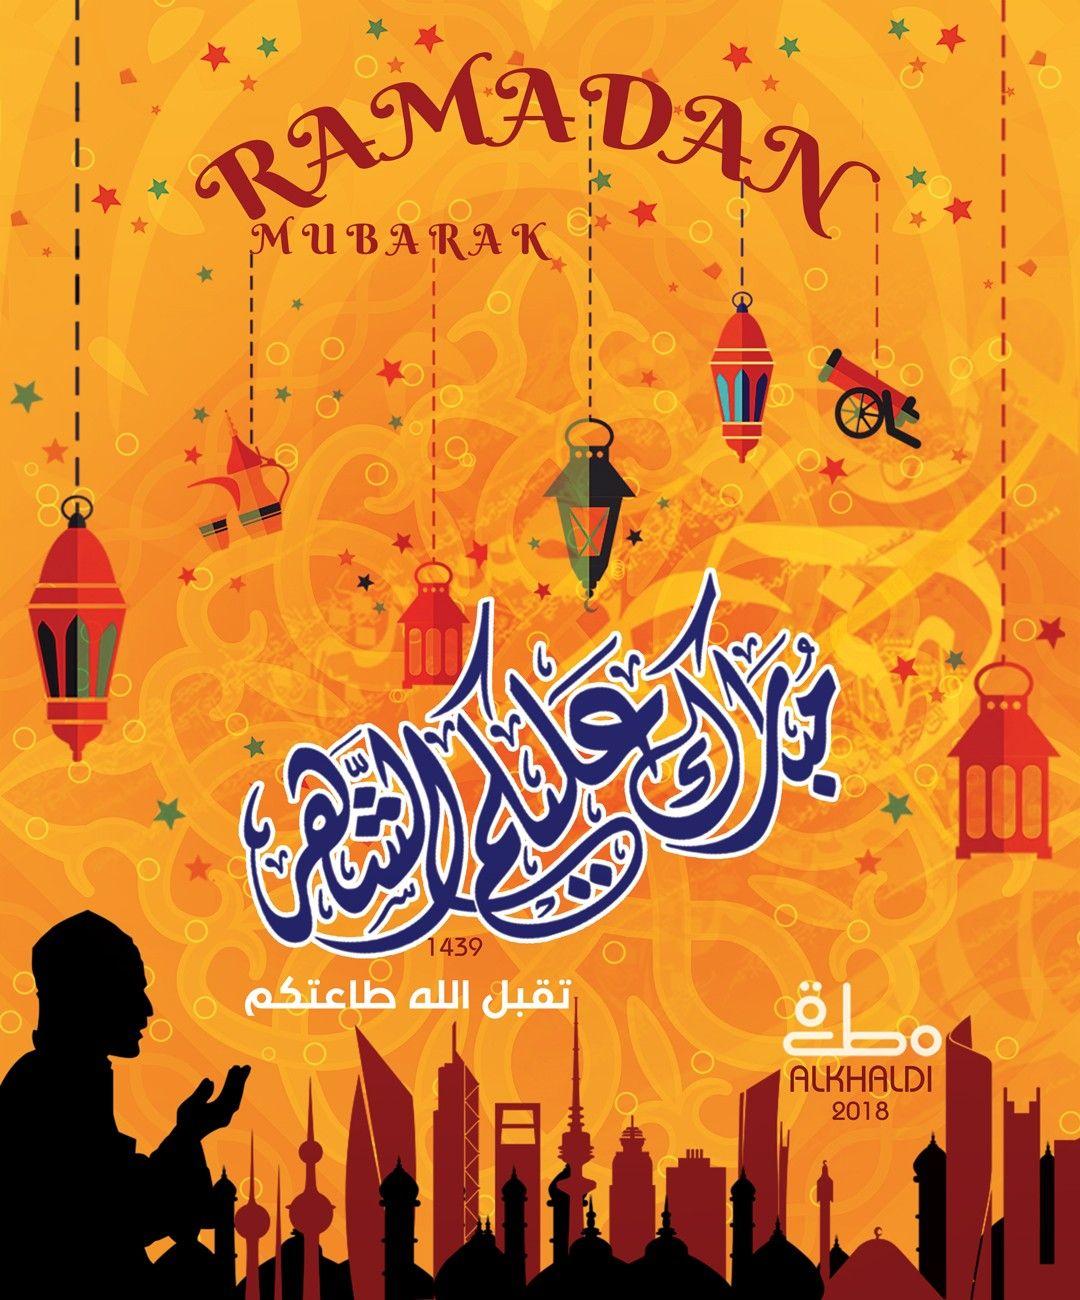 أتقدم بأسمى آيات التهاني والتبريكات بمناسبة قدوم شهر رمضان المبارك أعاننا وإياكم على صيامـــہ وقيامـــه ونسأل الله تعالى Art Calligraphy Arabic Calligraphy